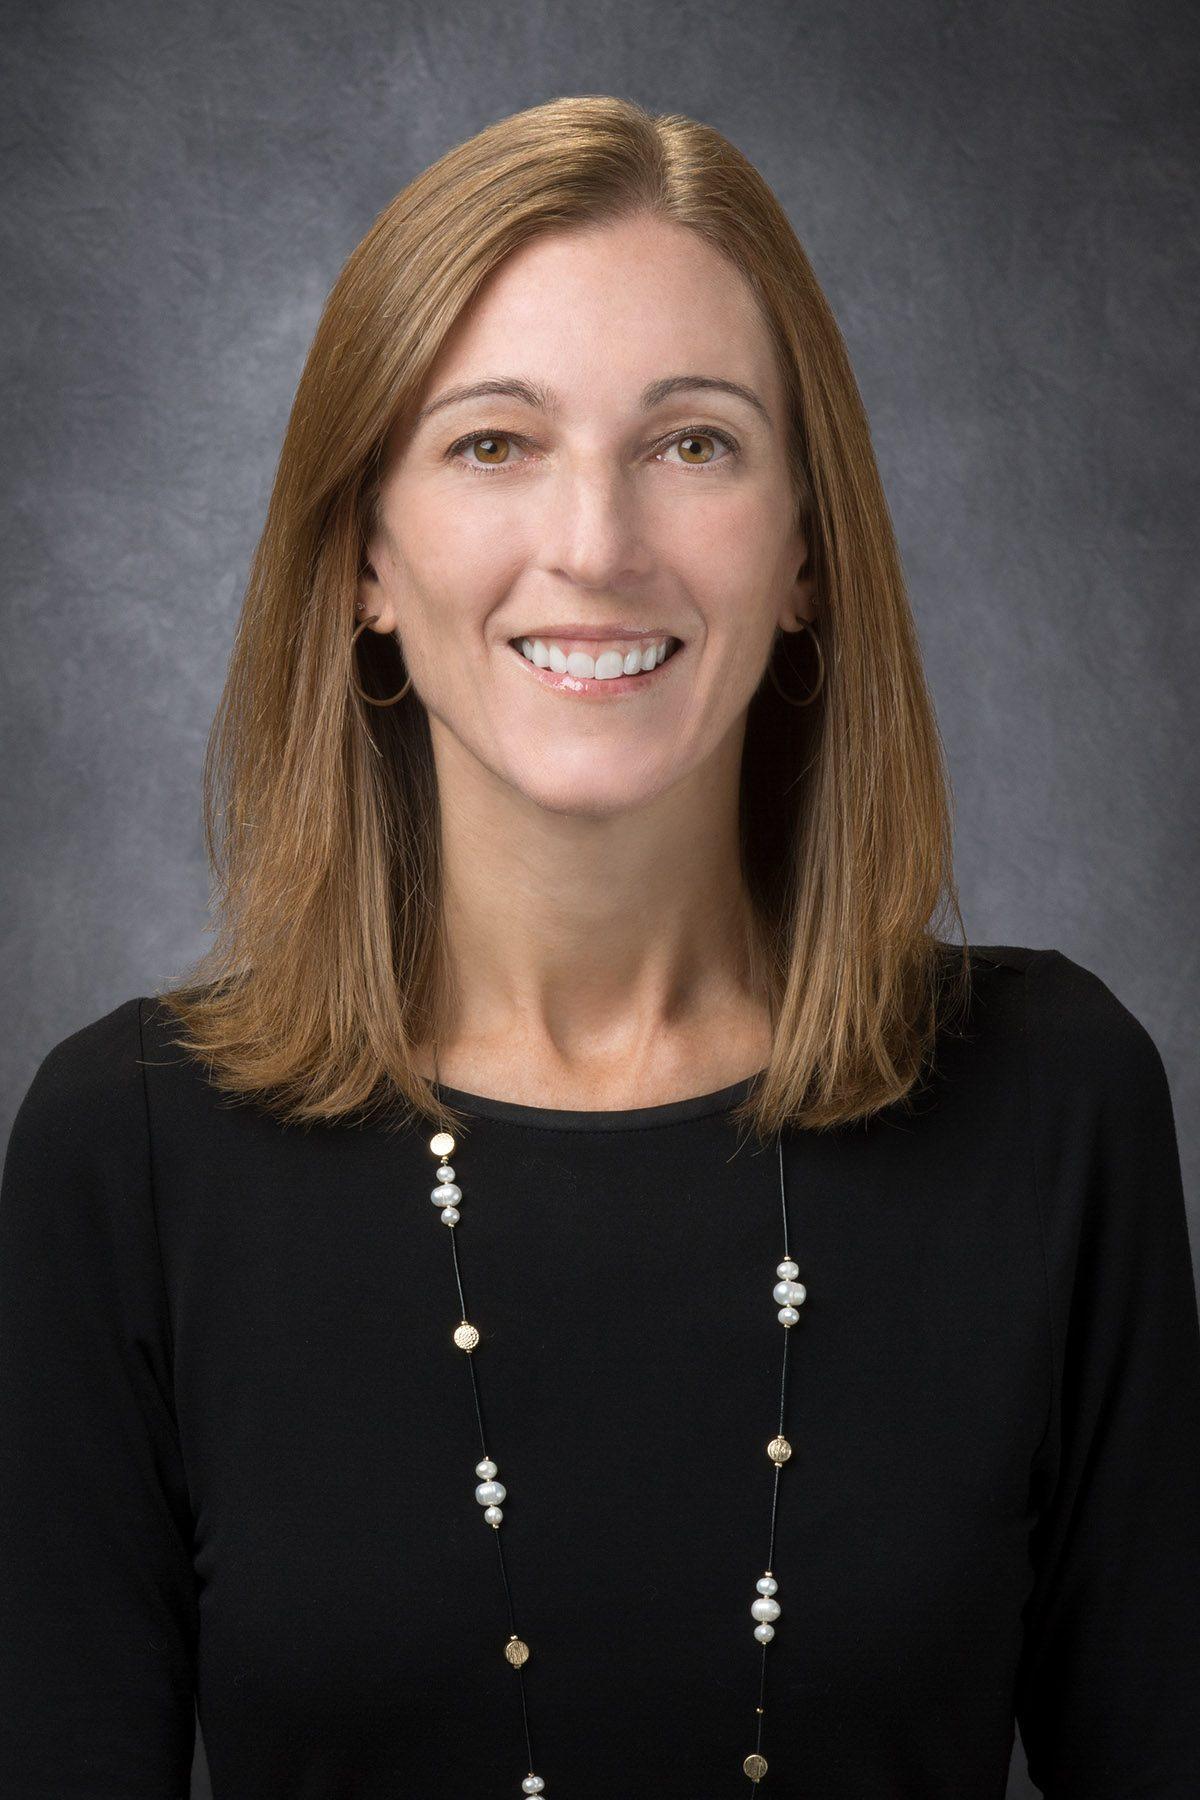 Dr. Courtney DiNardo